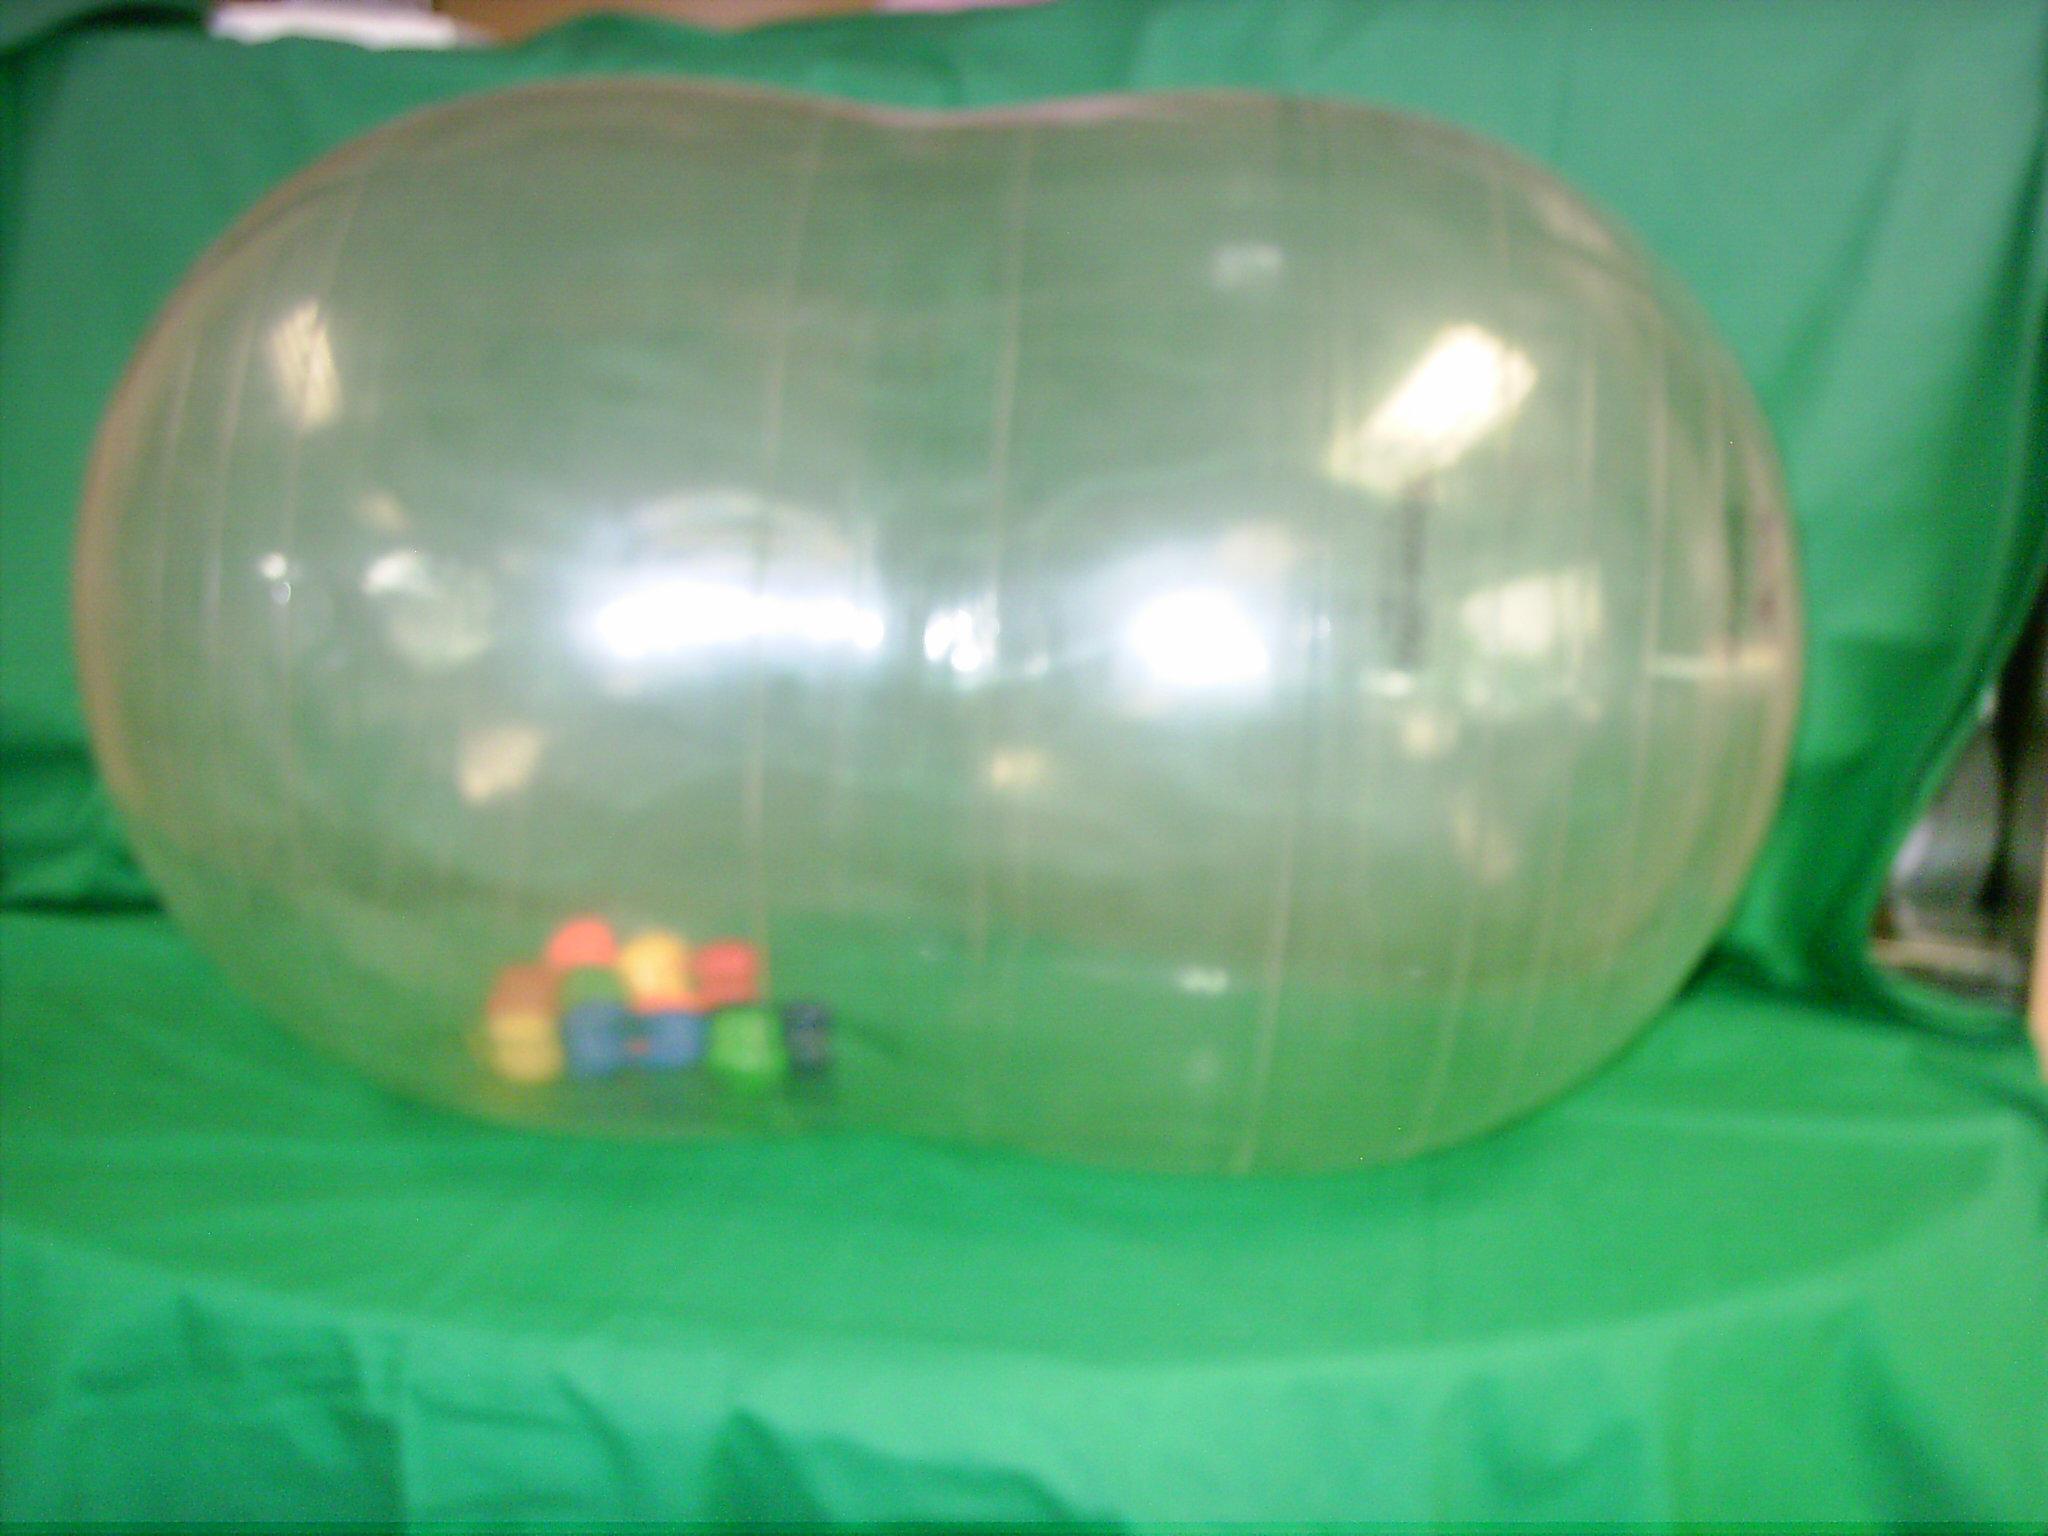 B004 Grote doorzichtige bal met kleine ballen erin